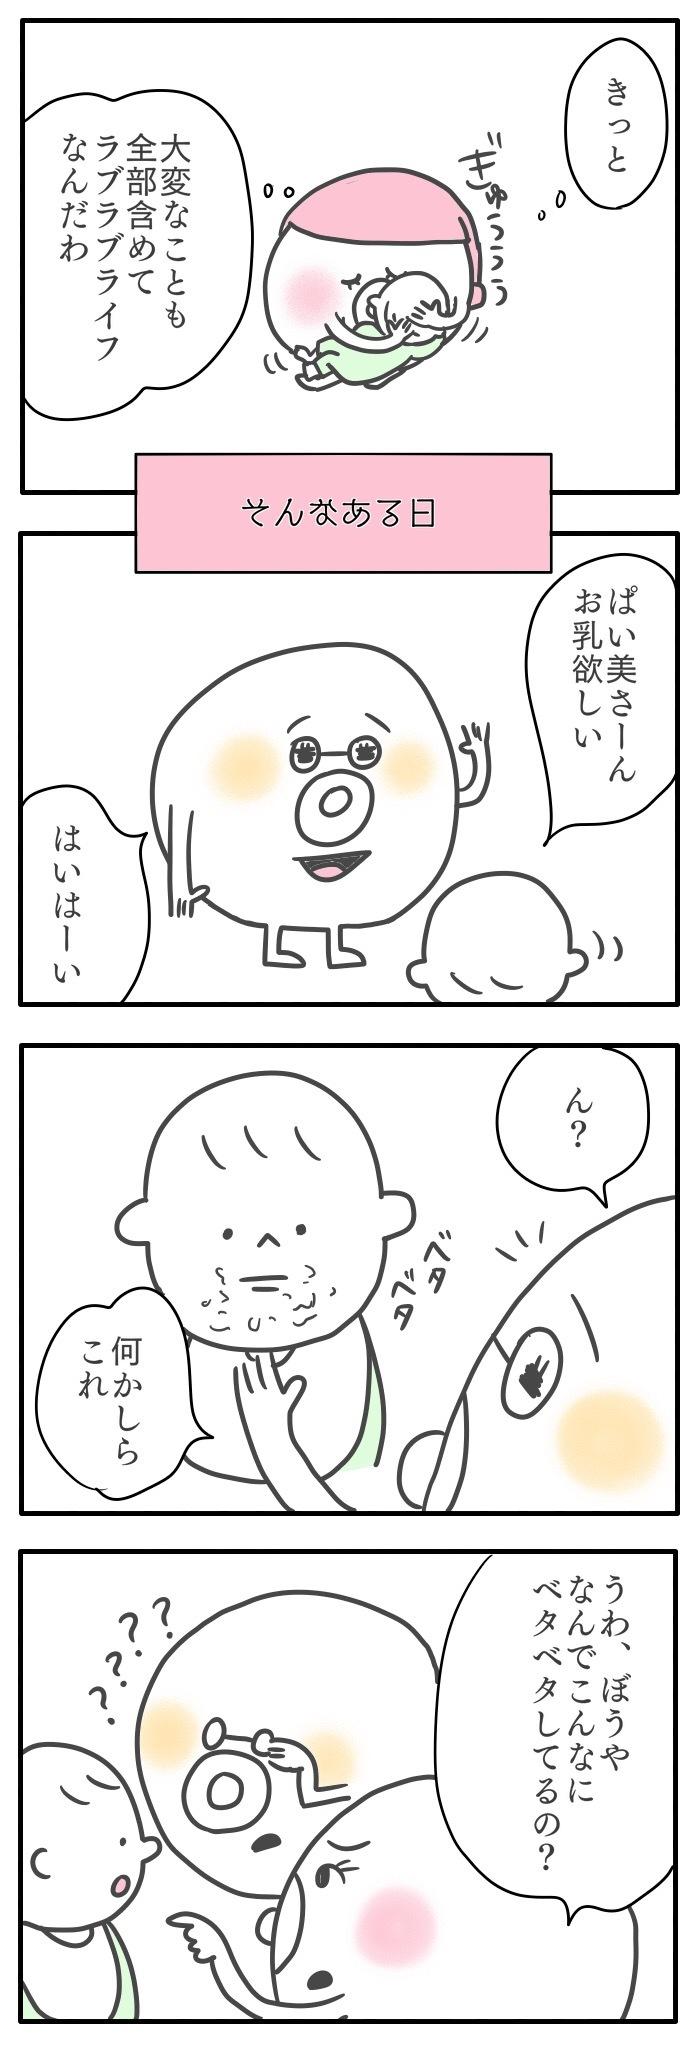 ぼうやが「りにゅうしょく」を食べた日/おっぱいとぼく2【11話】の画像3